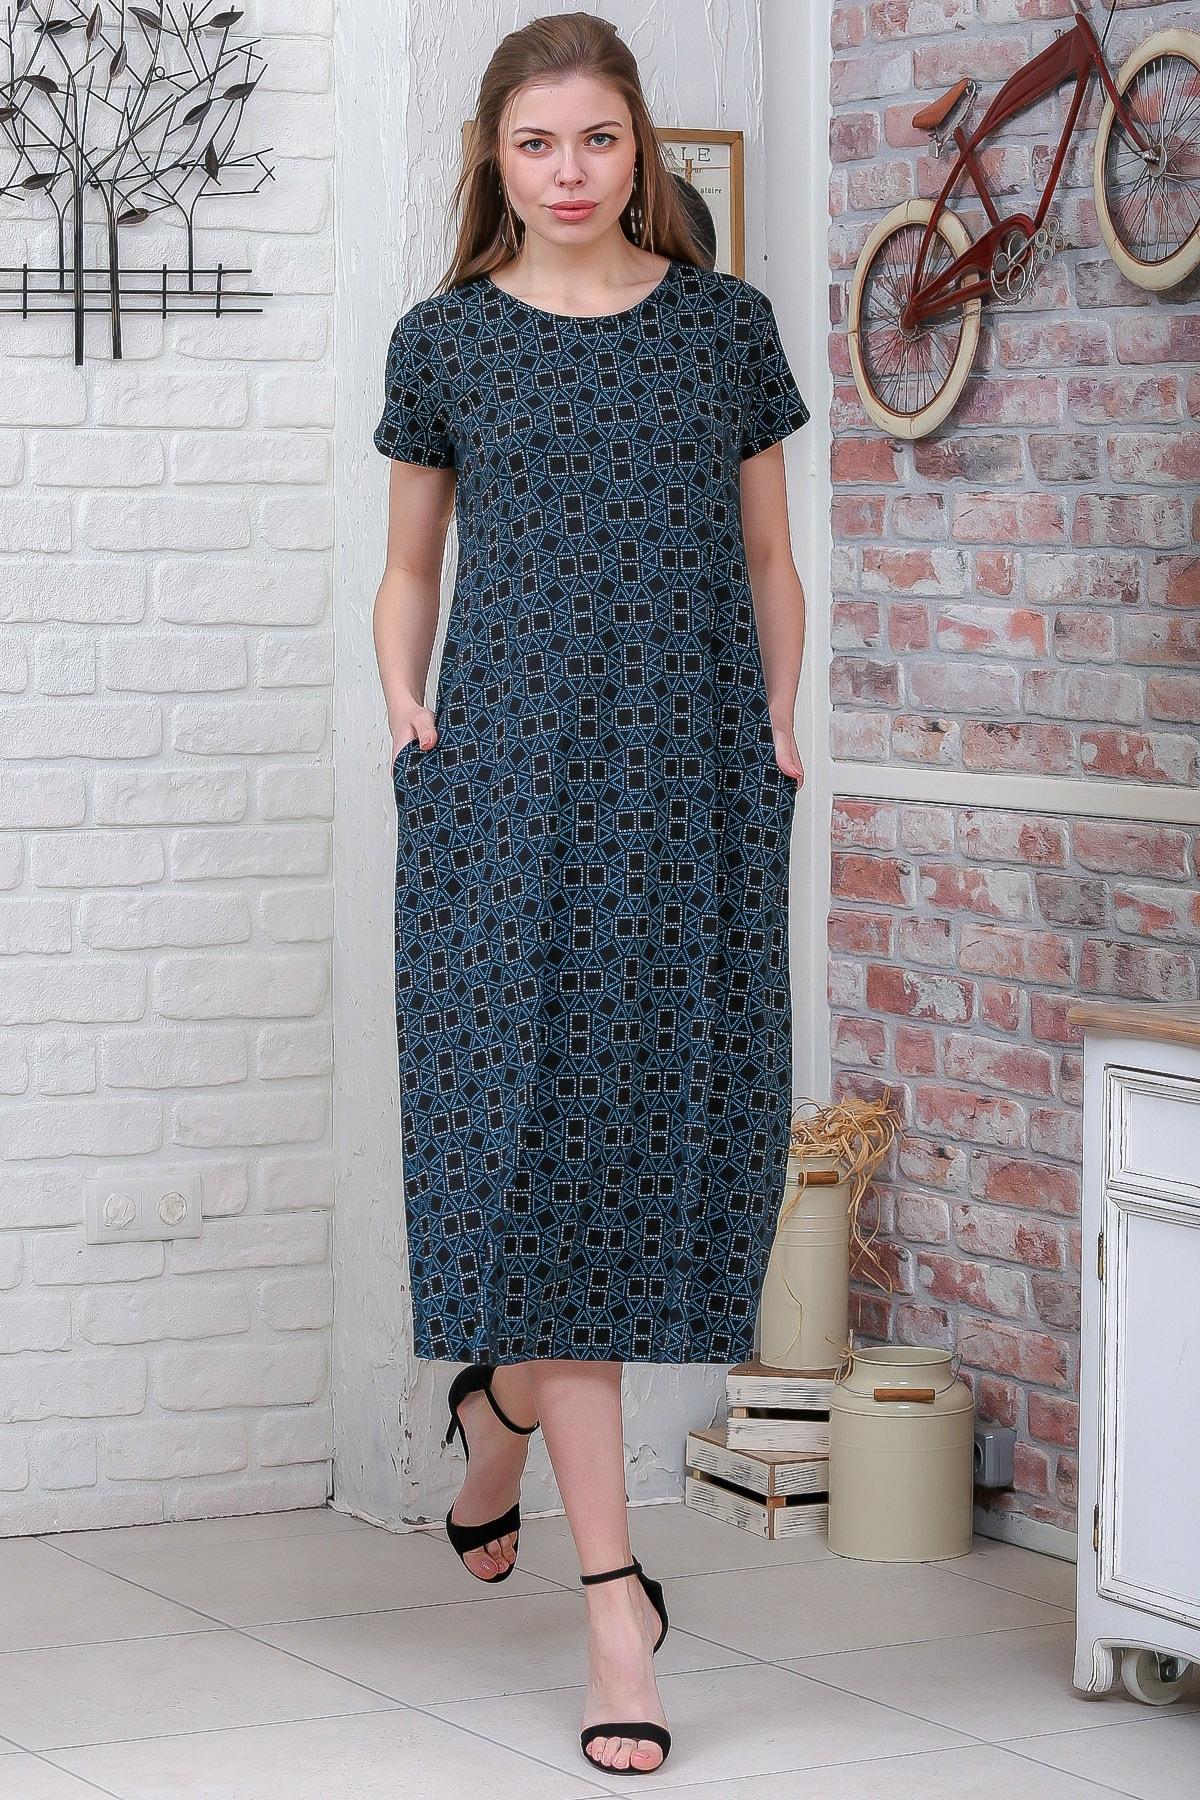 Chiccy Kadın Yeşil Sıfır Yaka Geometrik Desenli Gizli Cepli Salaş Elbise M10160000EL95550 1